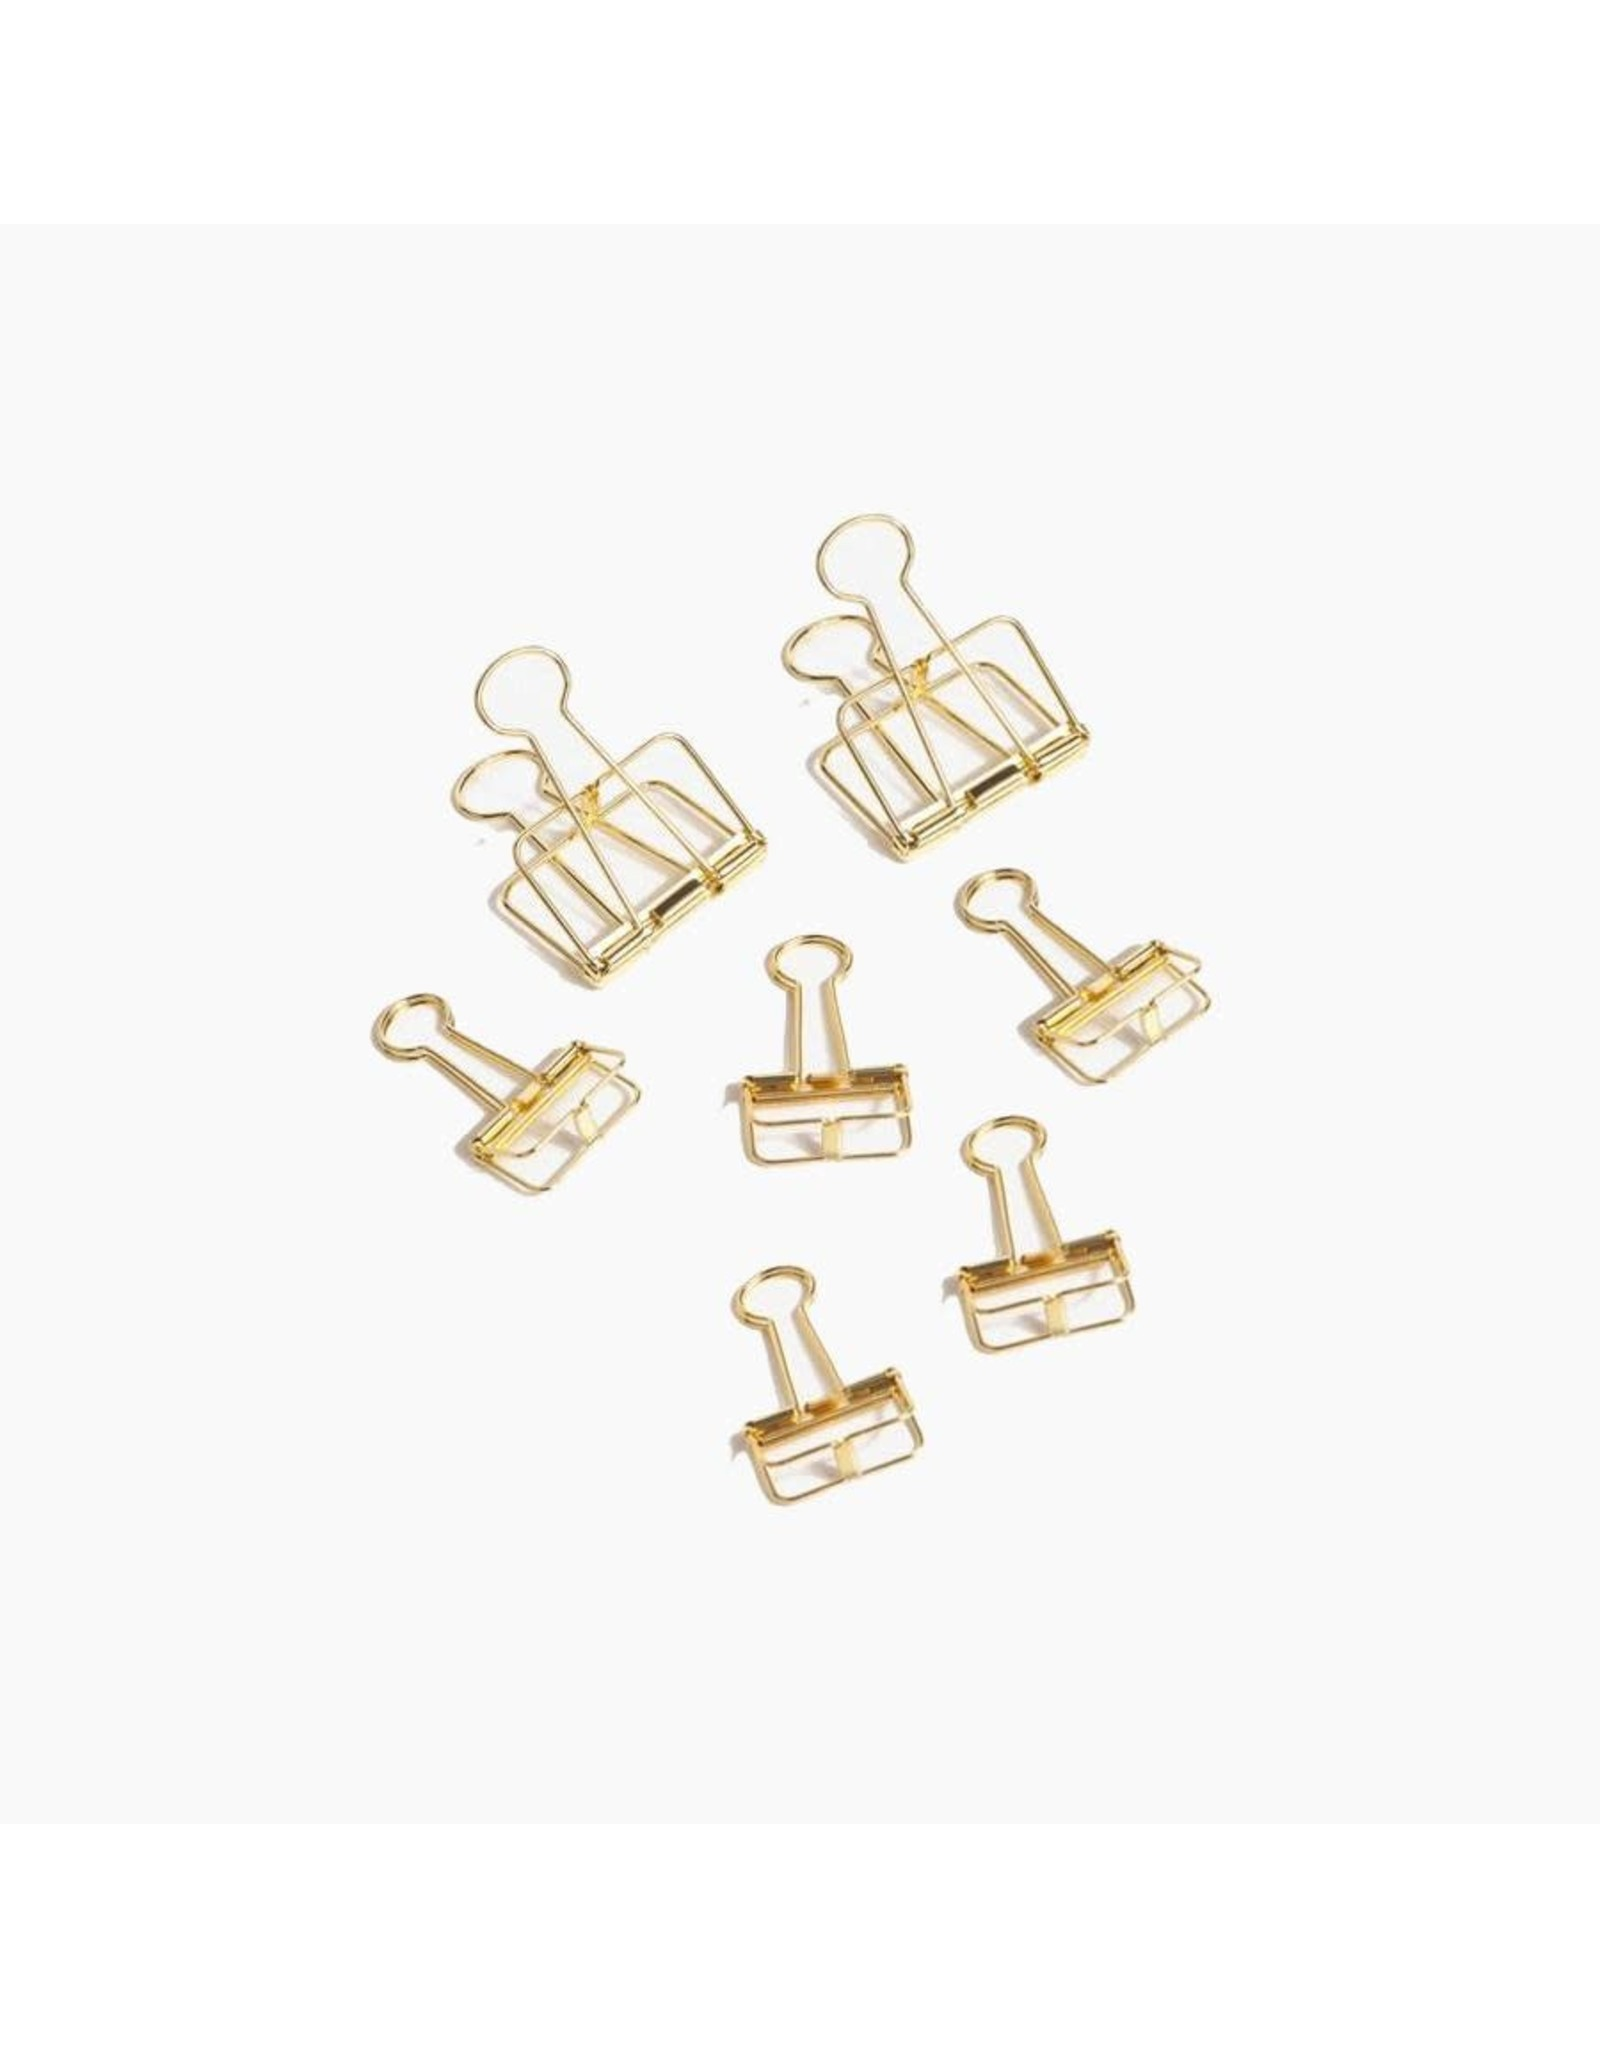 Poketo Gold Structure Clips